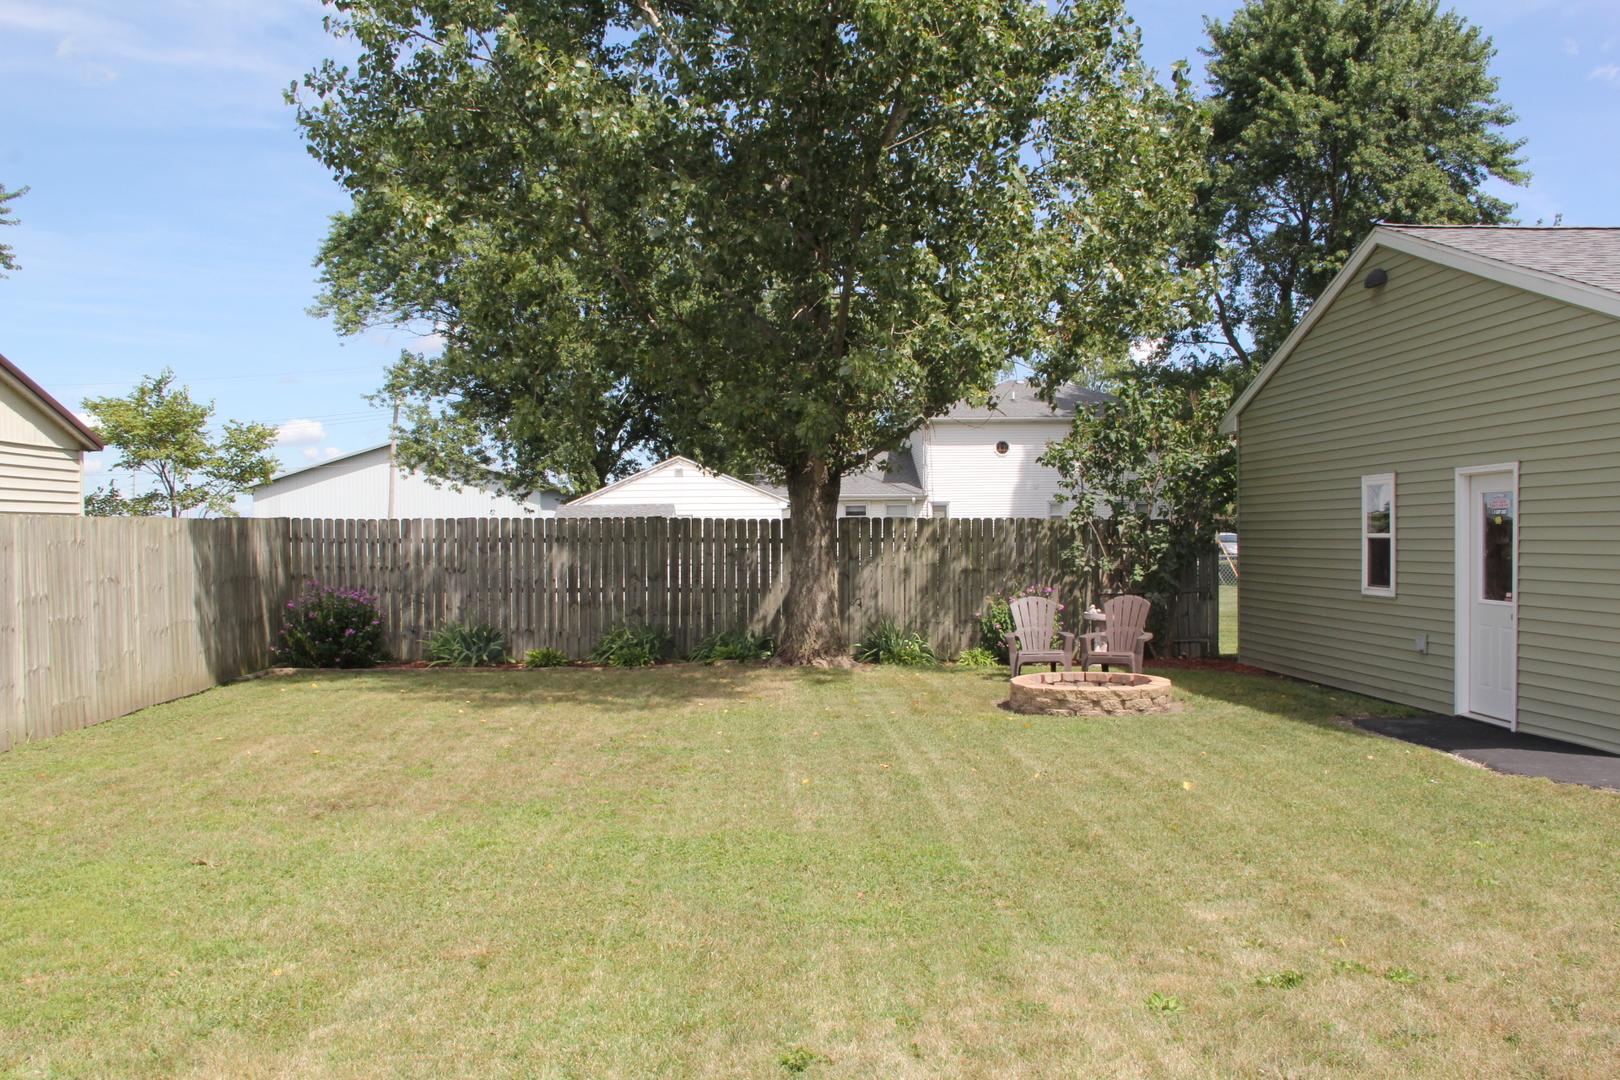 105 East Fine, Ashkum, Illinois, 60911